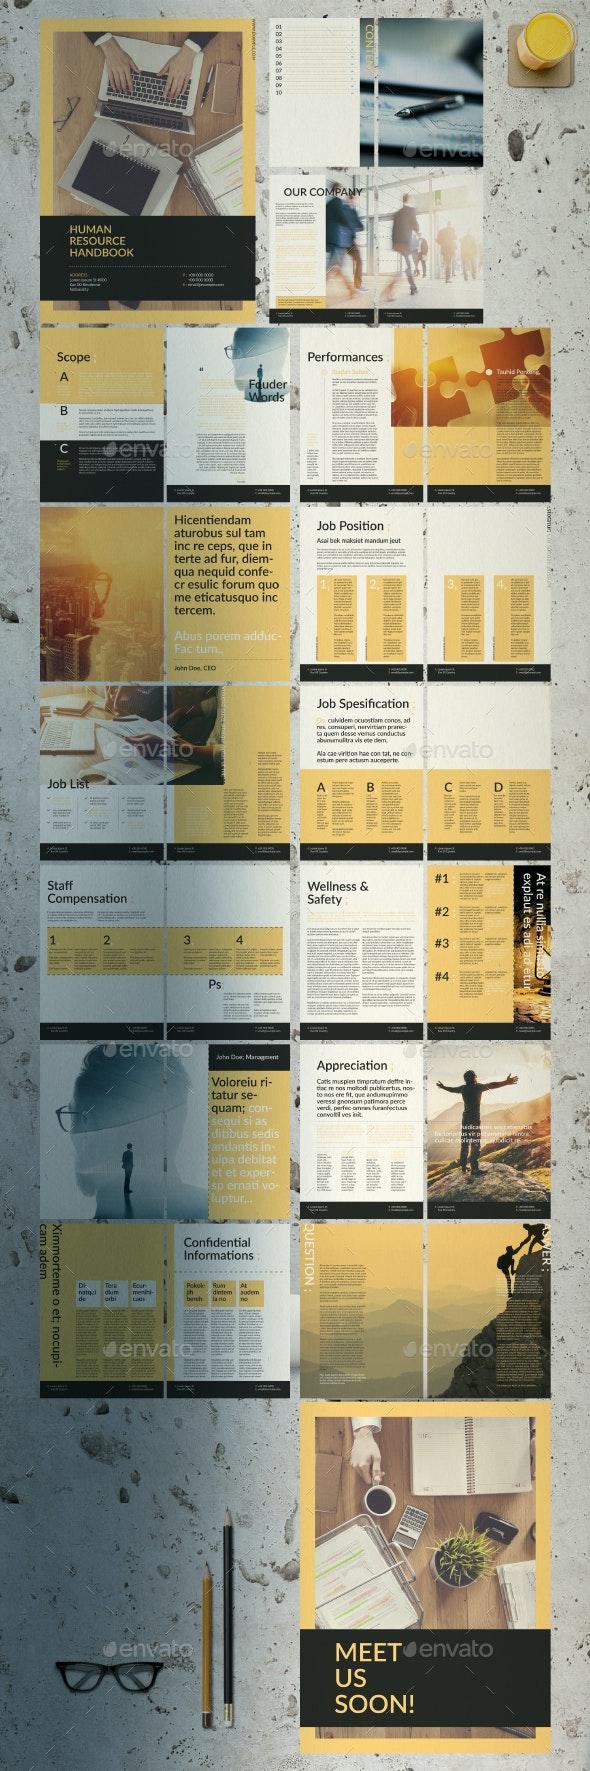 Human Resource Handbook - Corporate Brochures